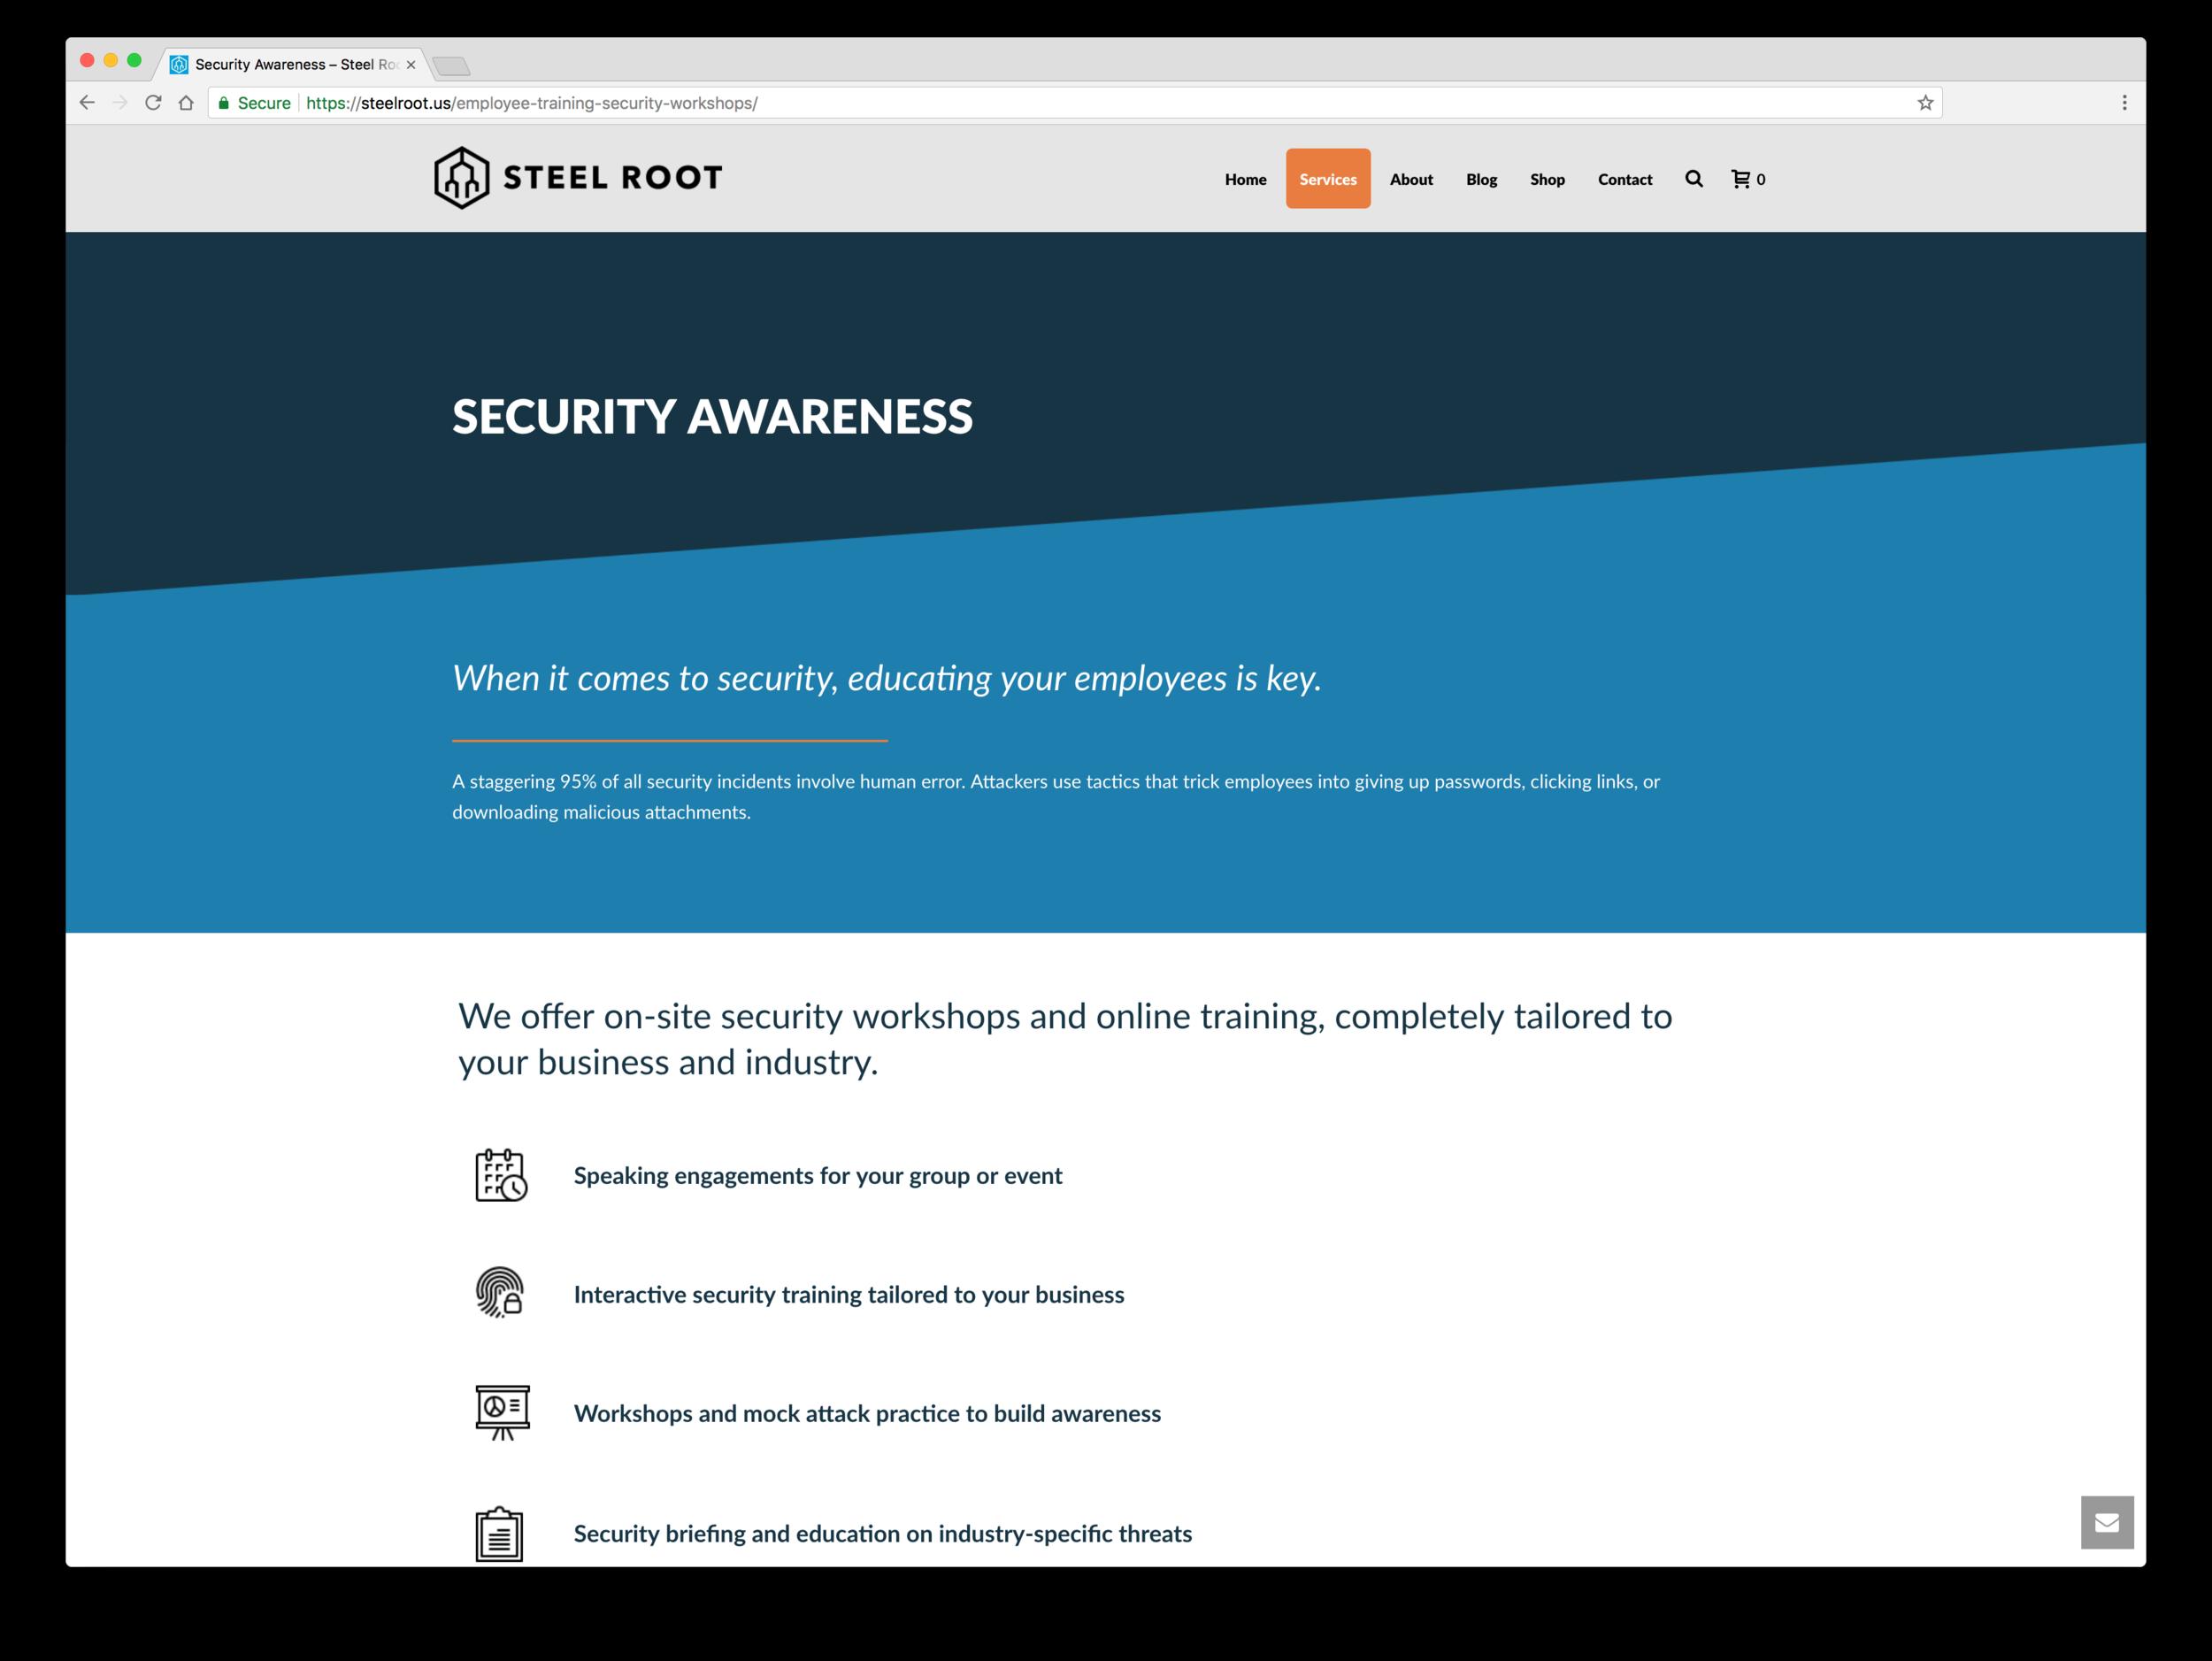 SR_SecurityAwareness.png